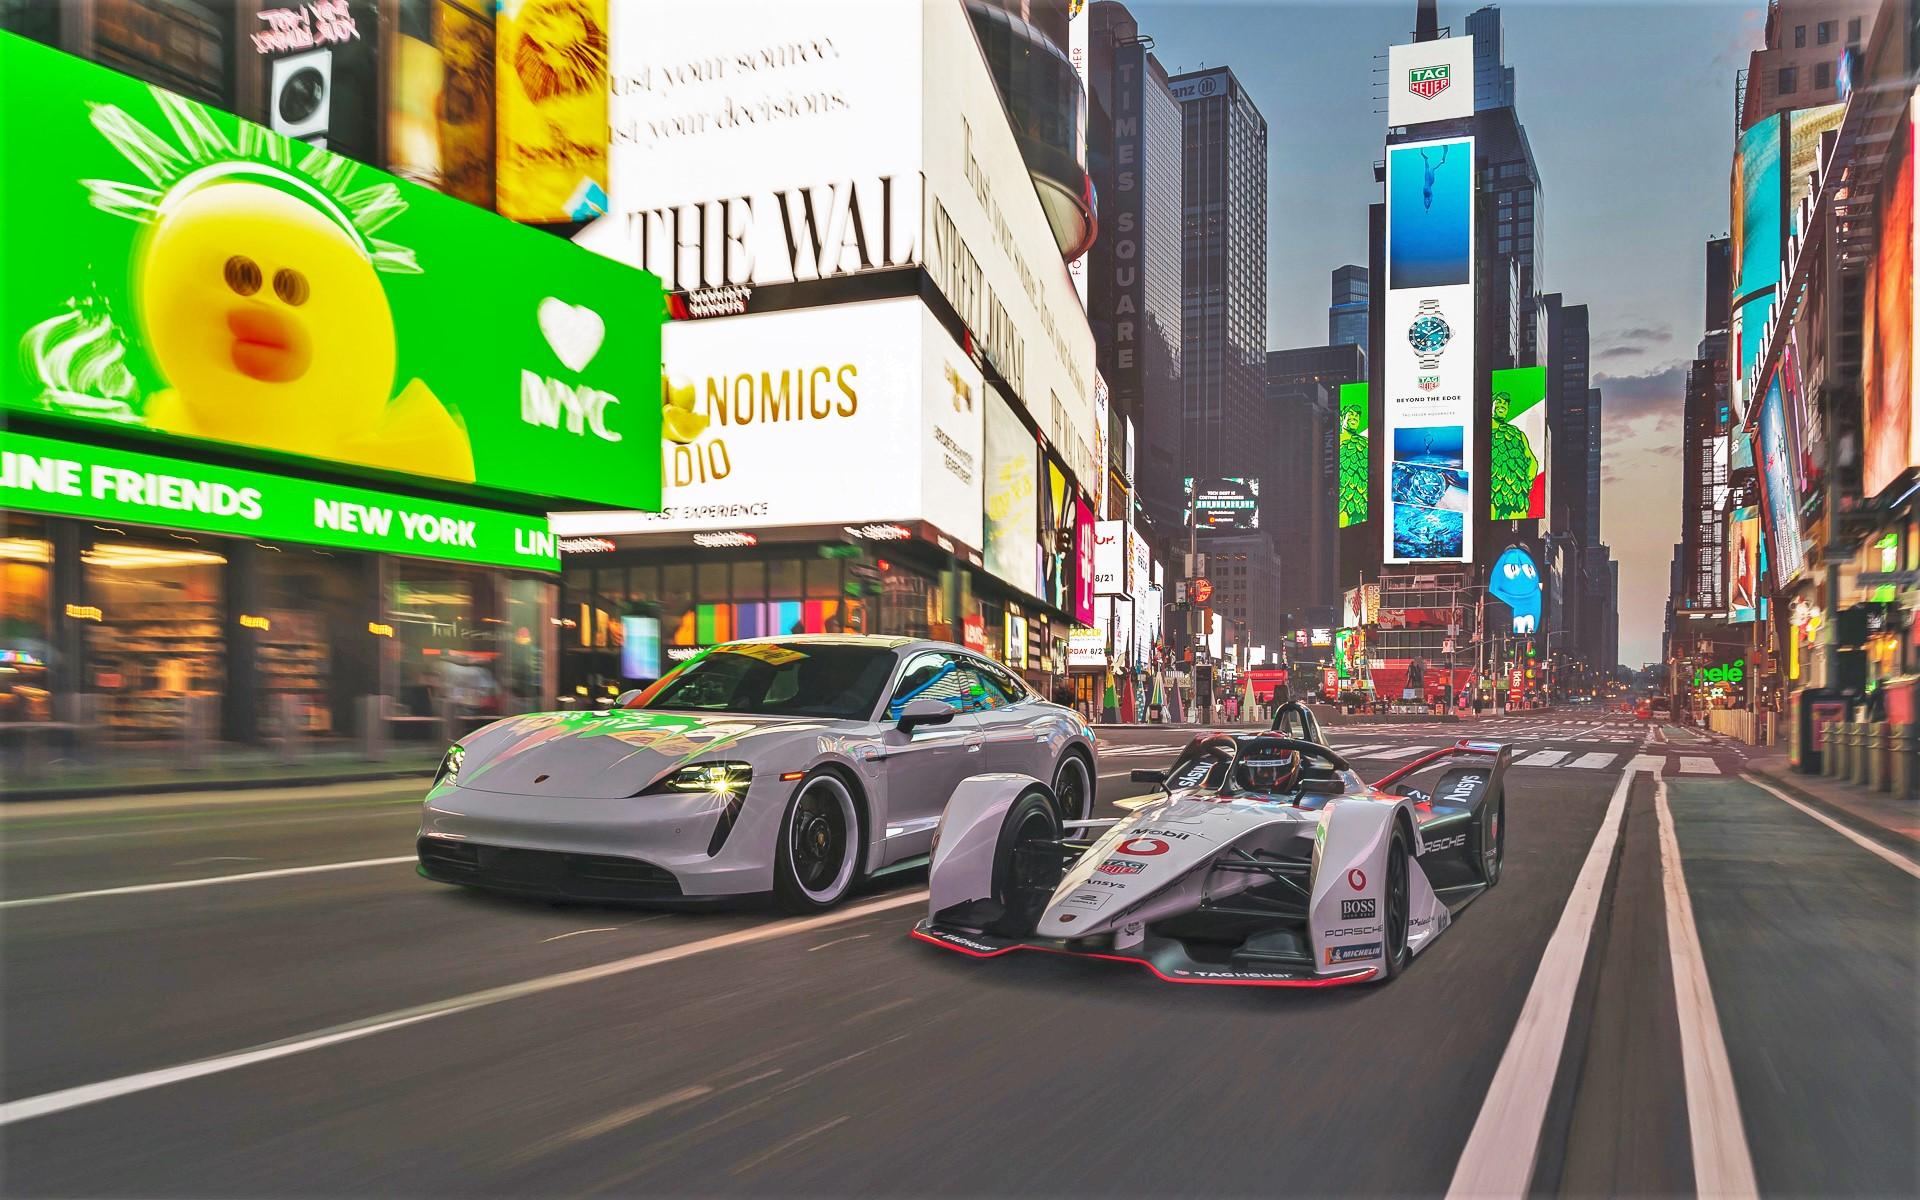 タイムズスクエアで撮影されたポルシェ 99Xエレクトリックレーサーとタイカン 4S